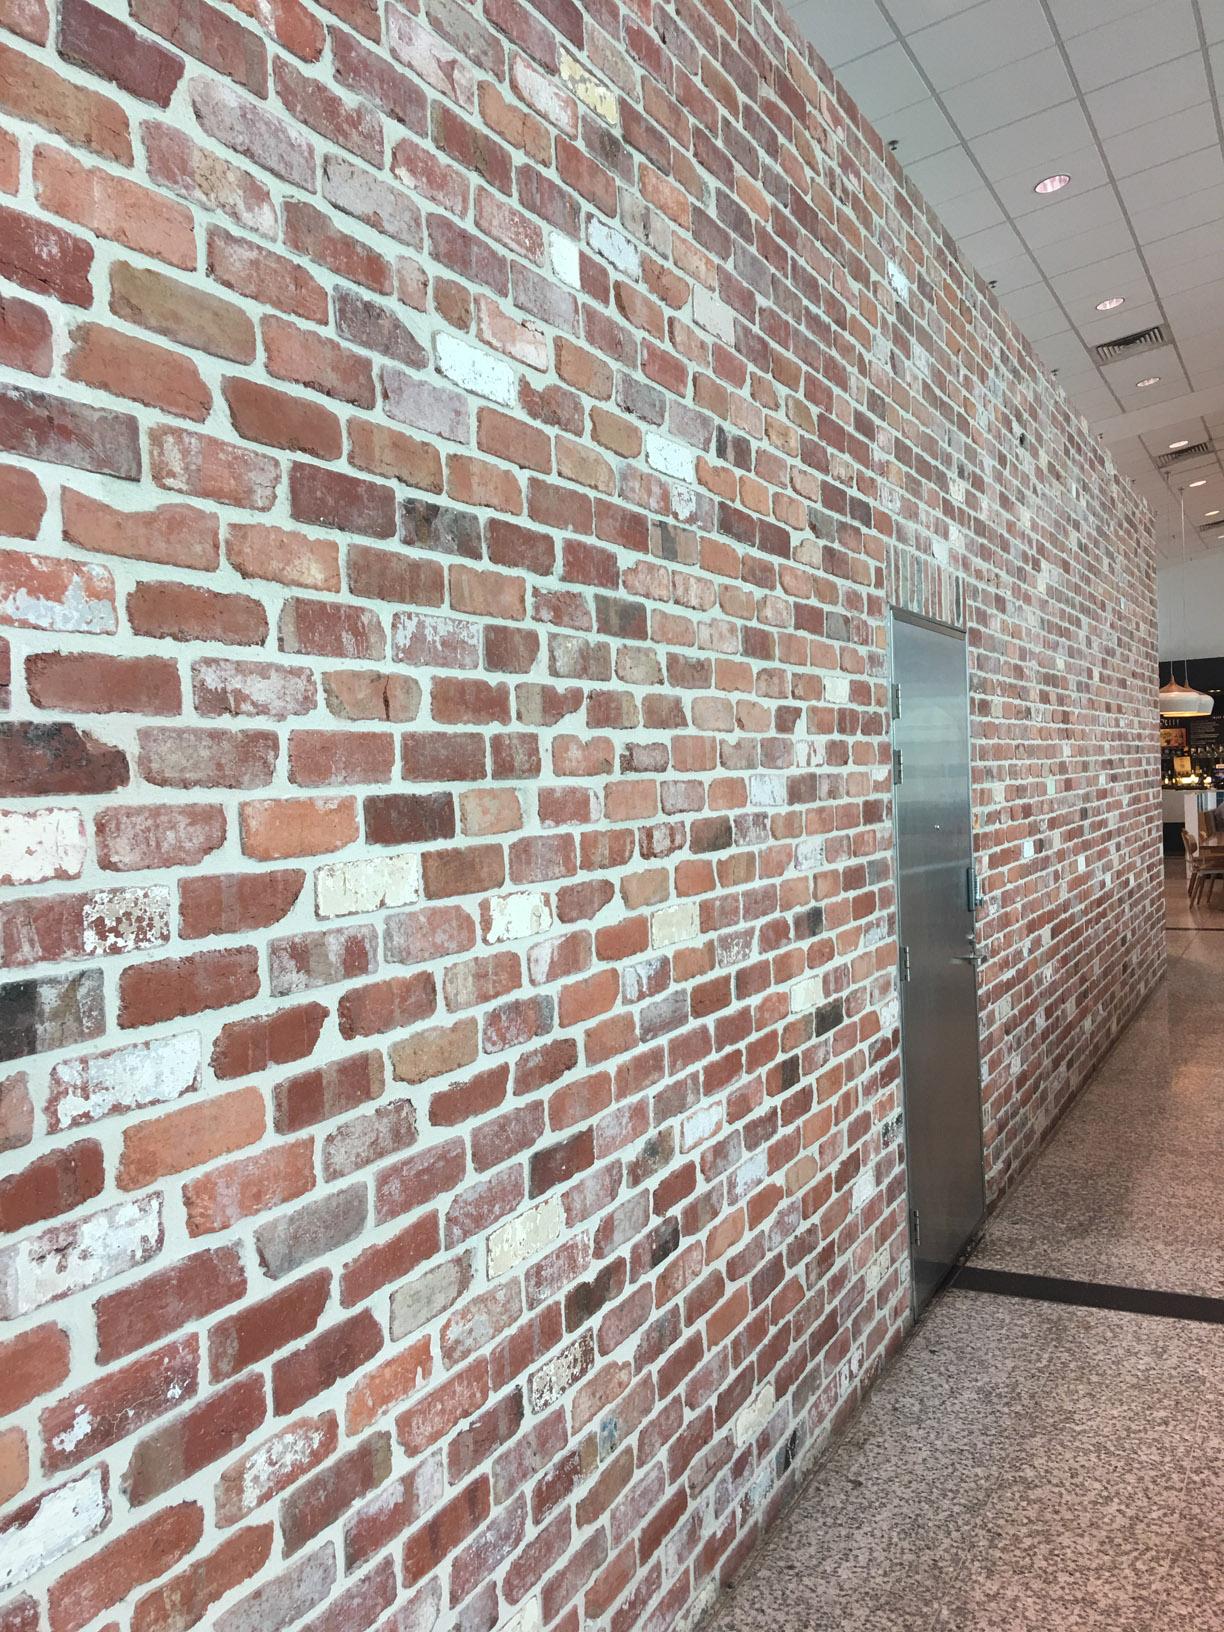 Sumo Salad Syd Airport, 9 14 14 am.jpg